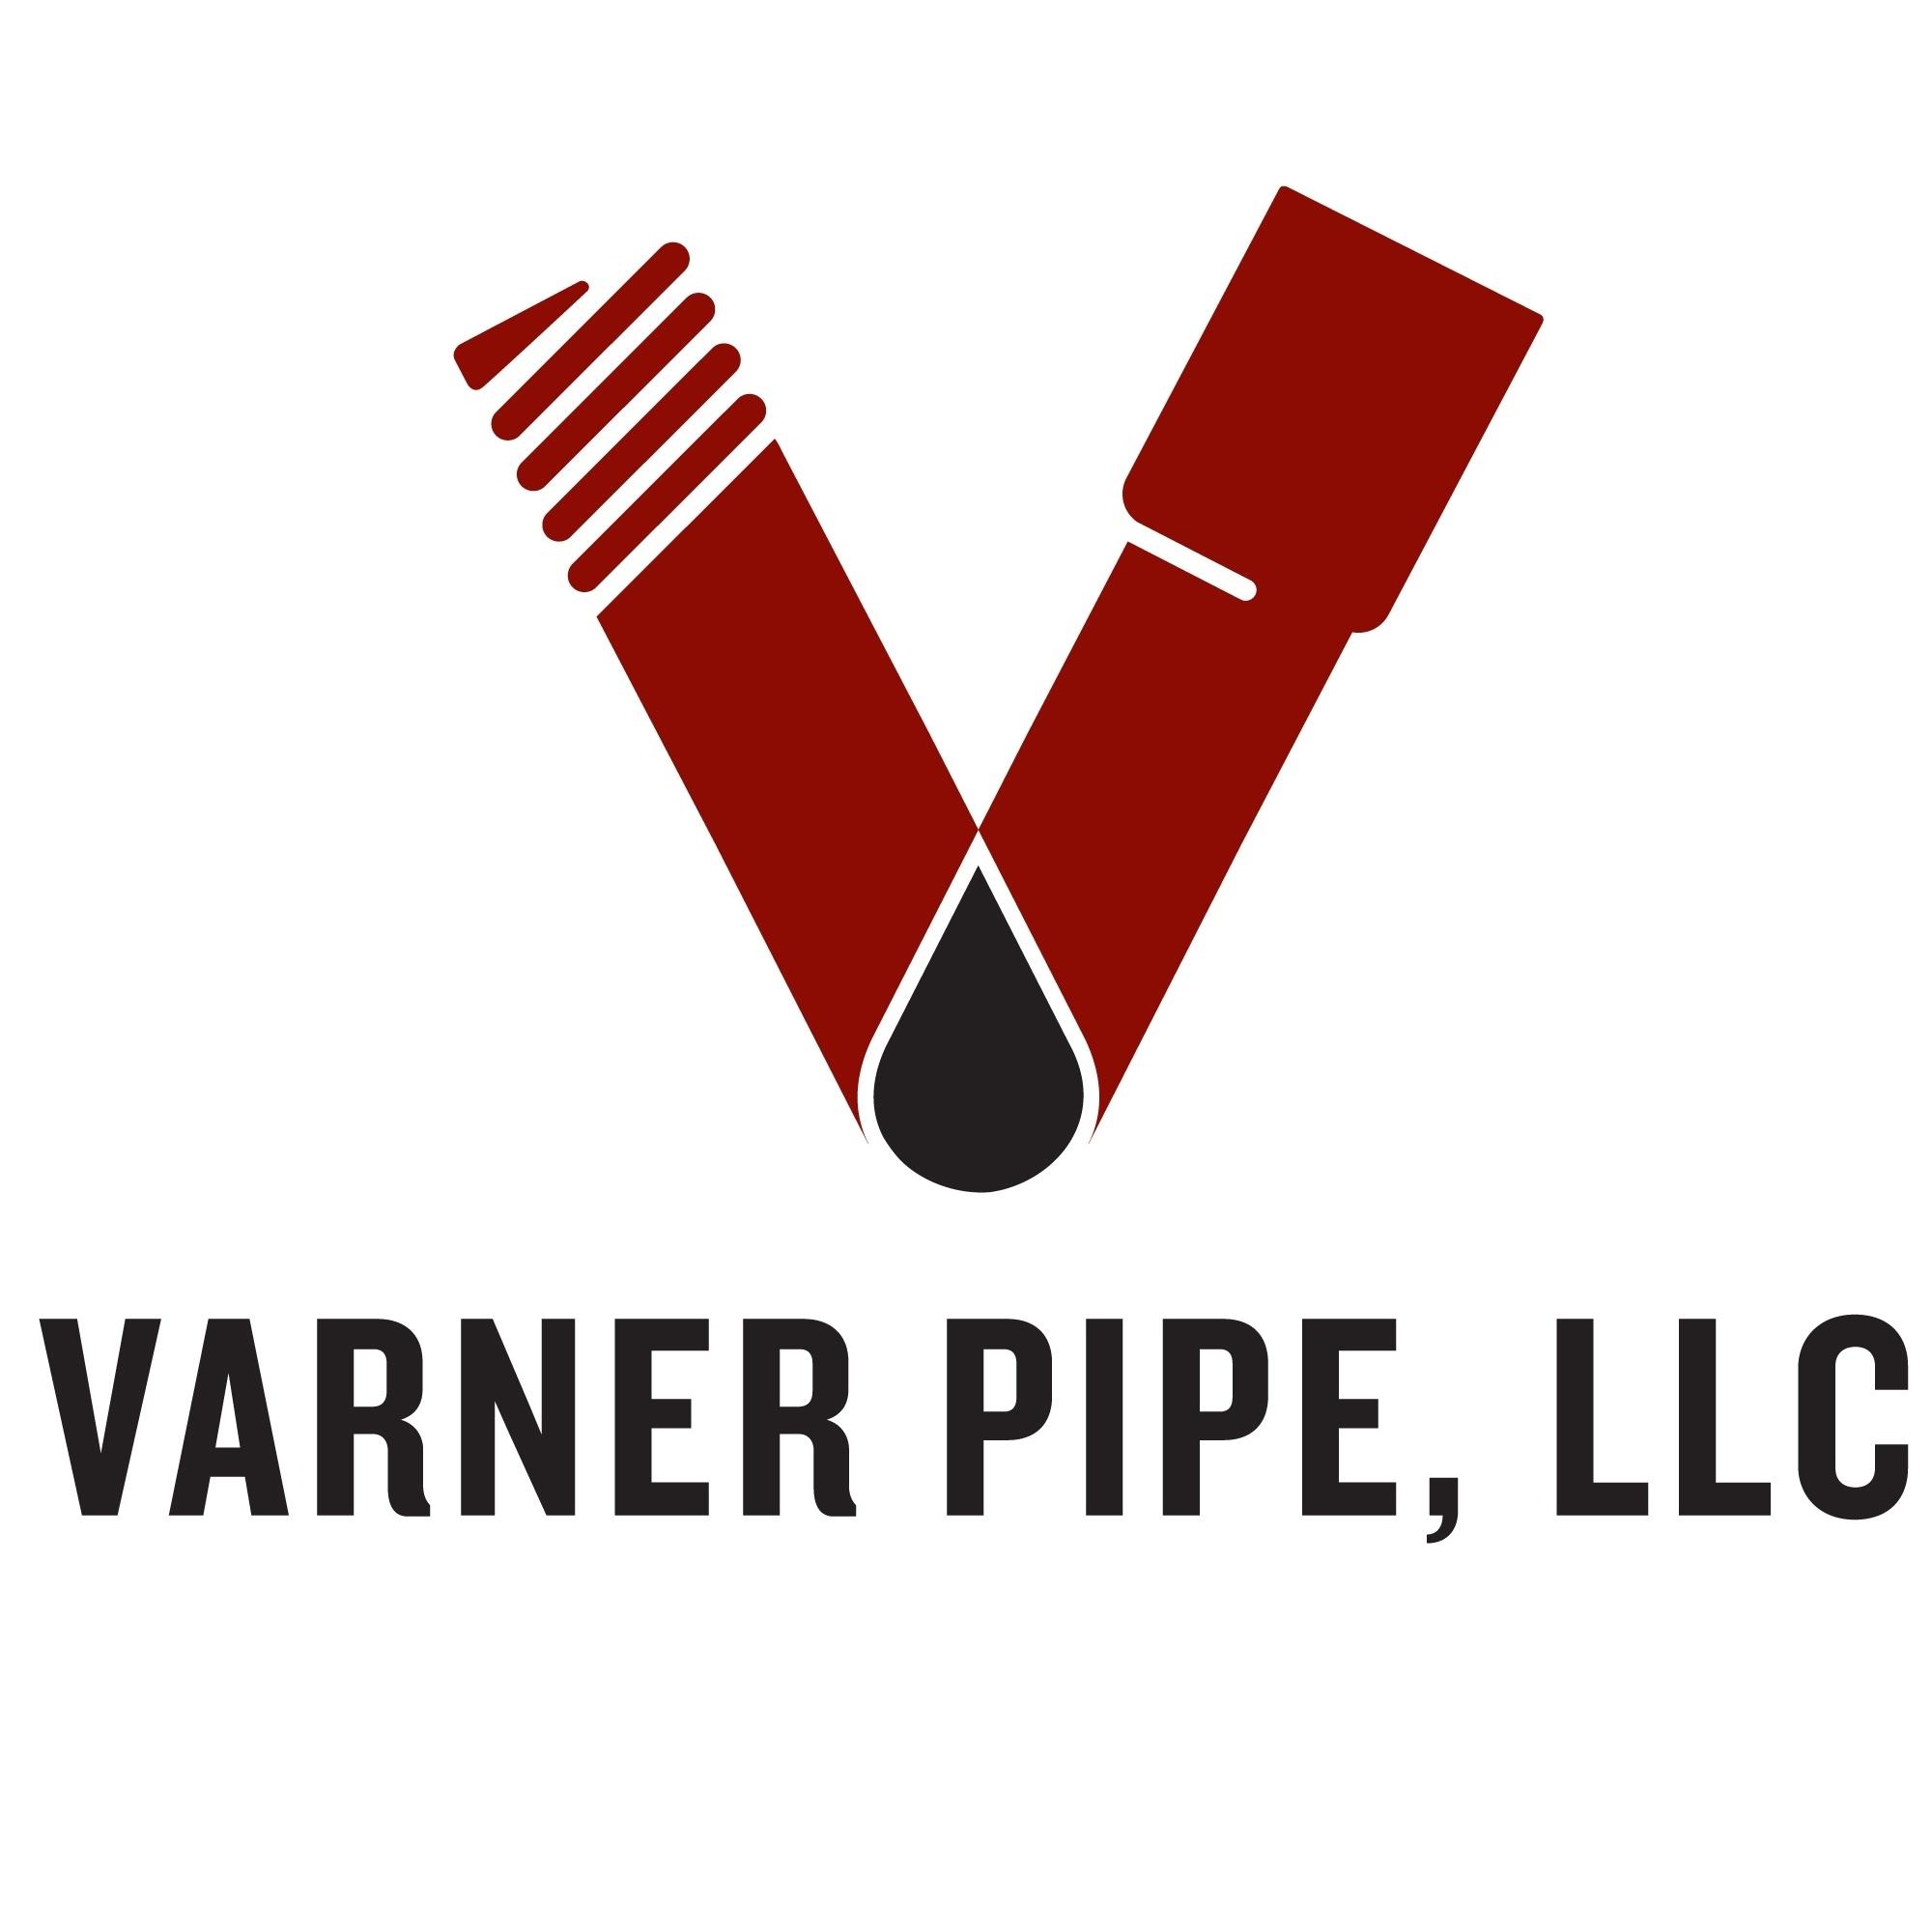 Varner Pipe, LLC